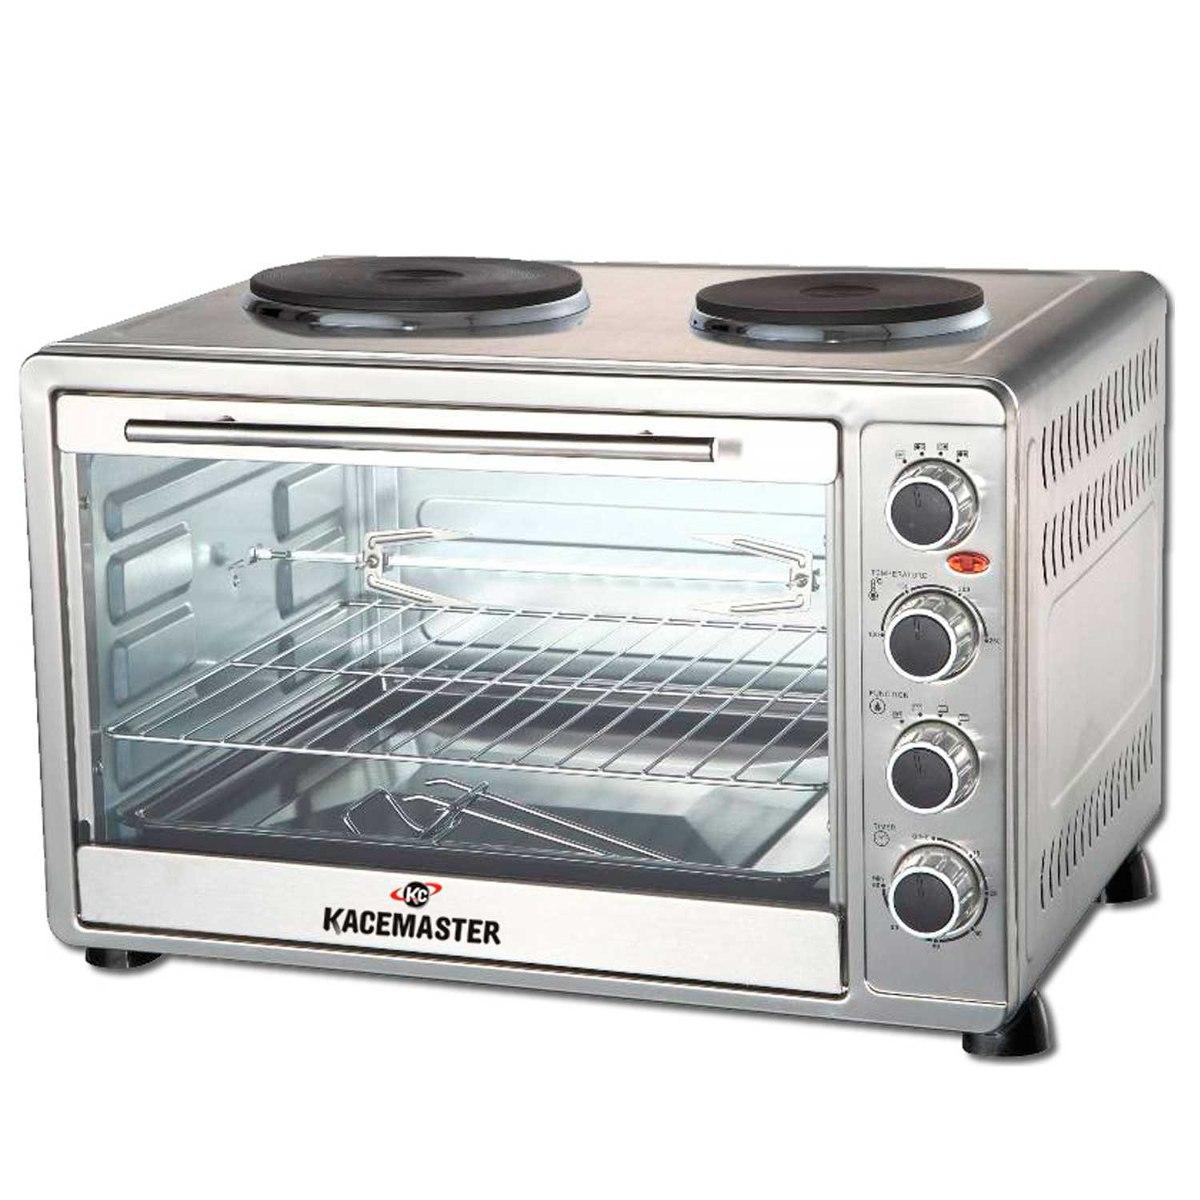 Horno electrico kacemaster 60 litros con anafe doble for Cocinas con horno electrico